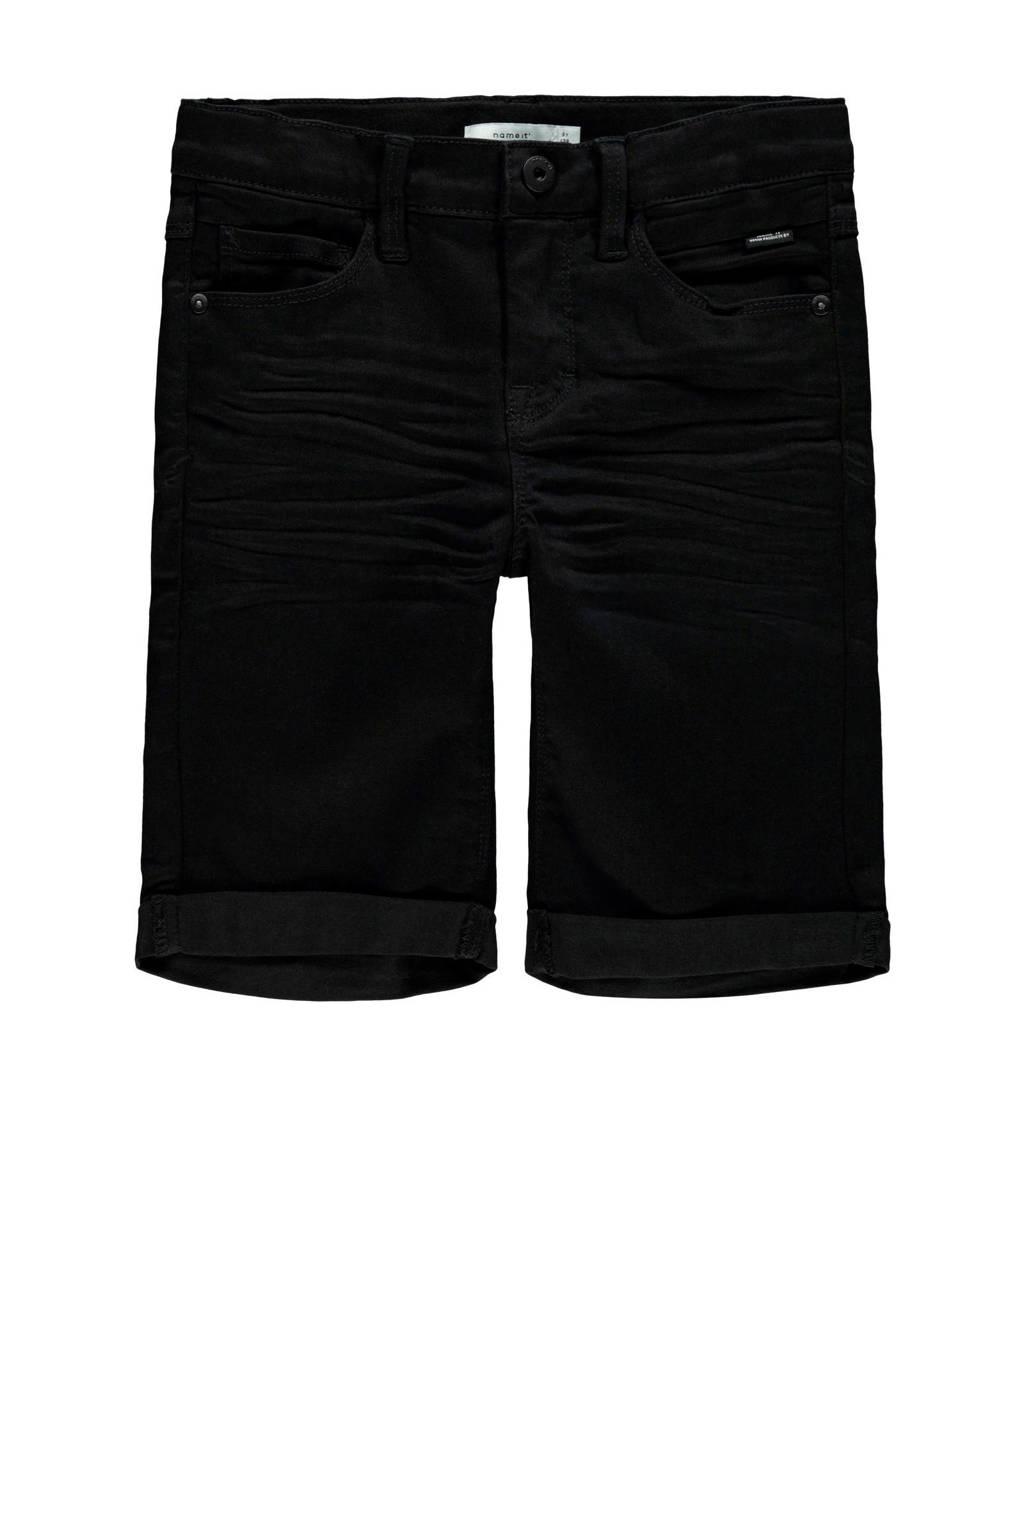 NAME IT KIDS jeans bermuda Sofus zwart, Zwart